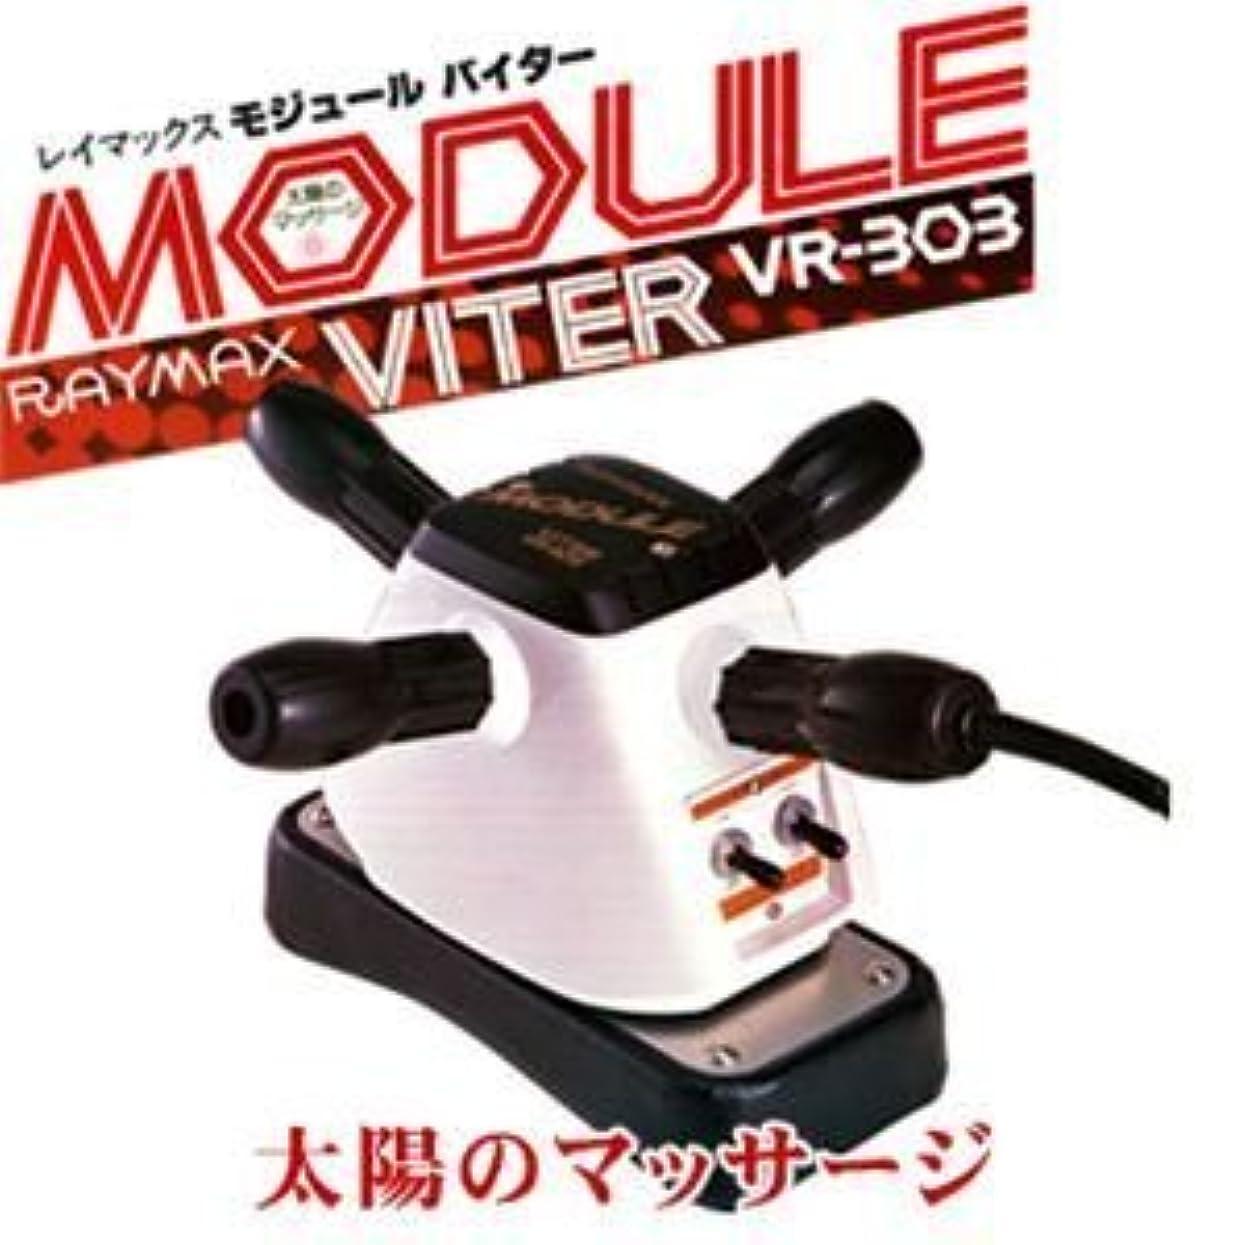 一握り叫ぶビヨンRAYMAX(レイマックス) モジュールバイター VR-303